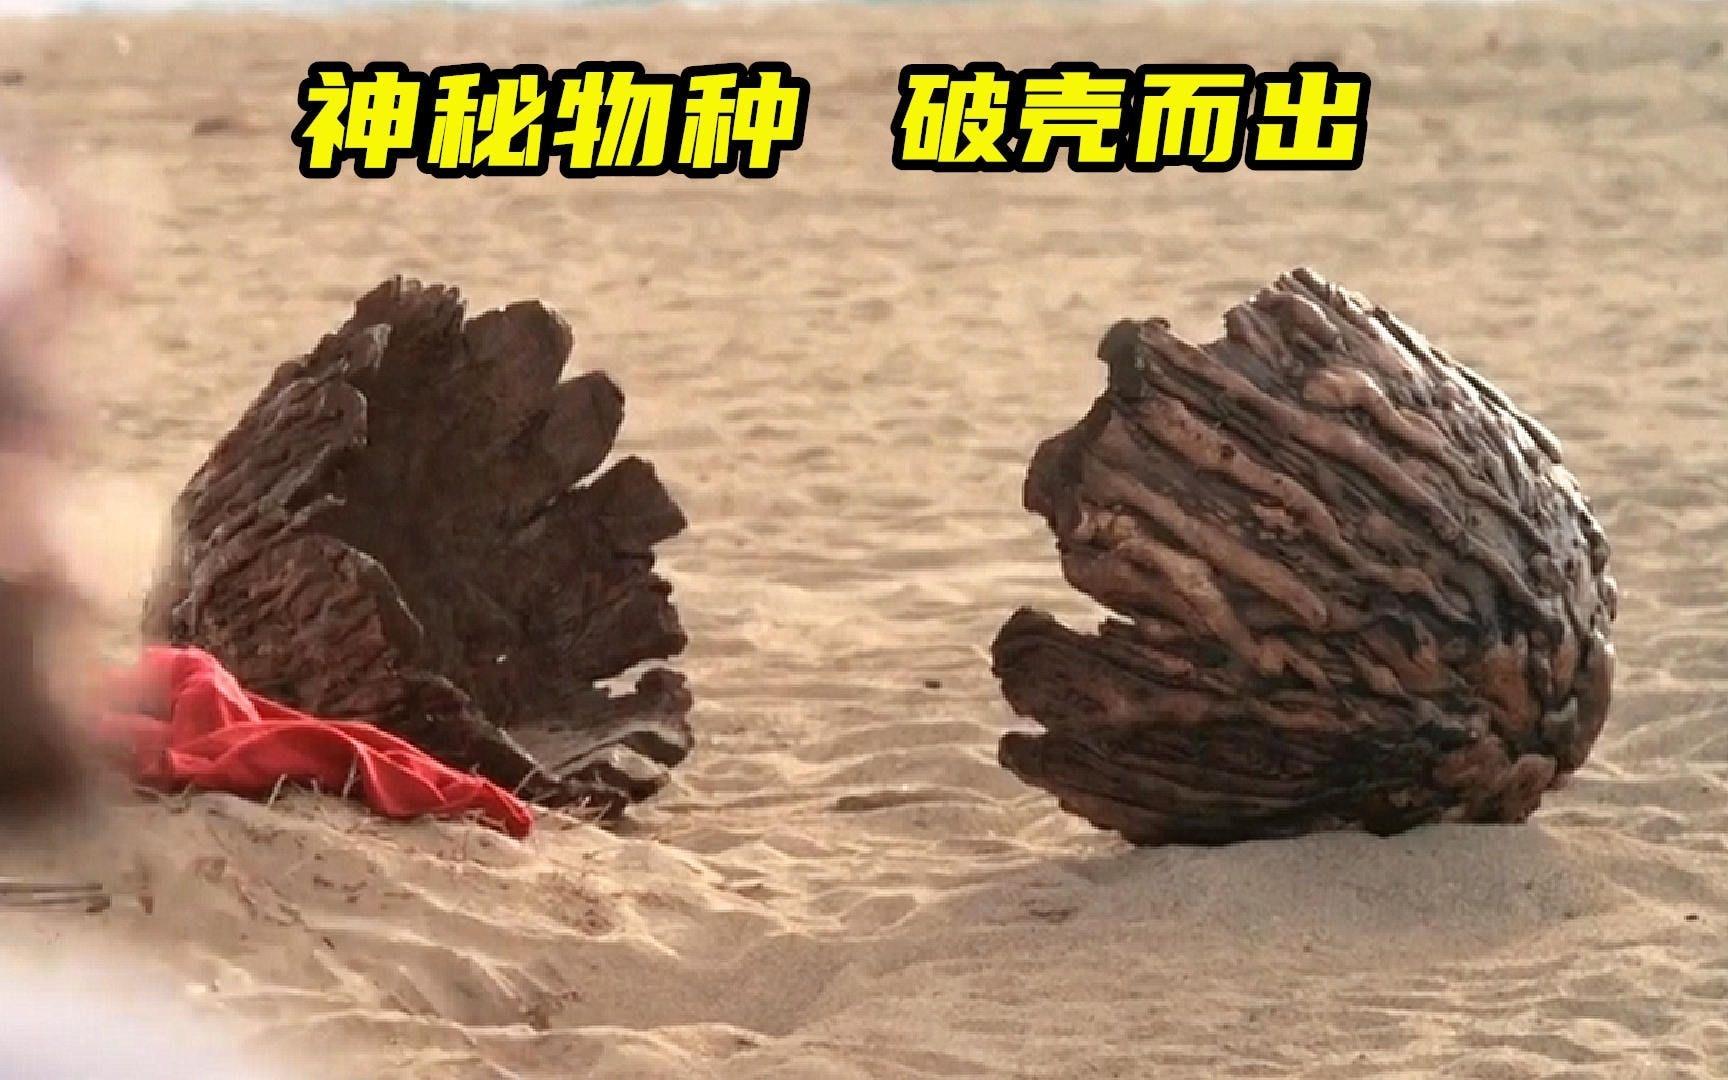 一群作死青年从海边捡回一个蛋,一夜之间人死了一半